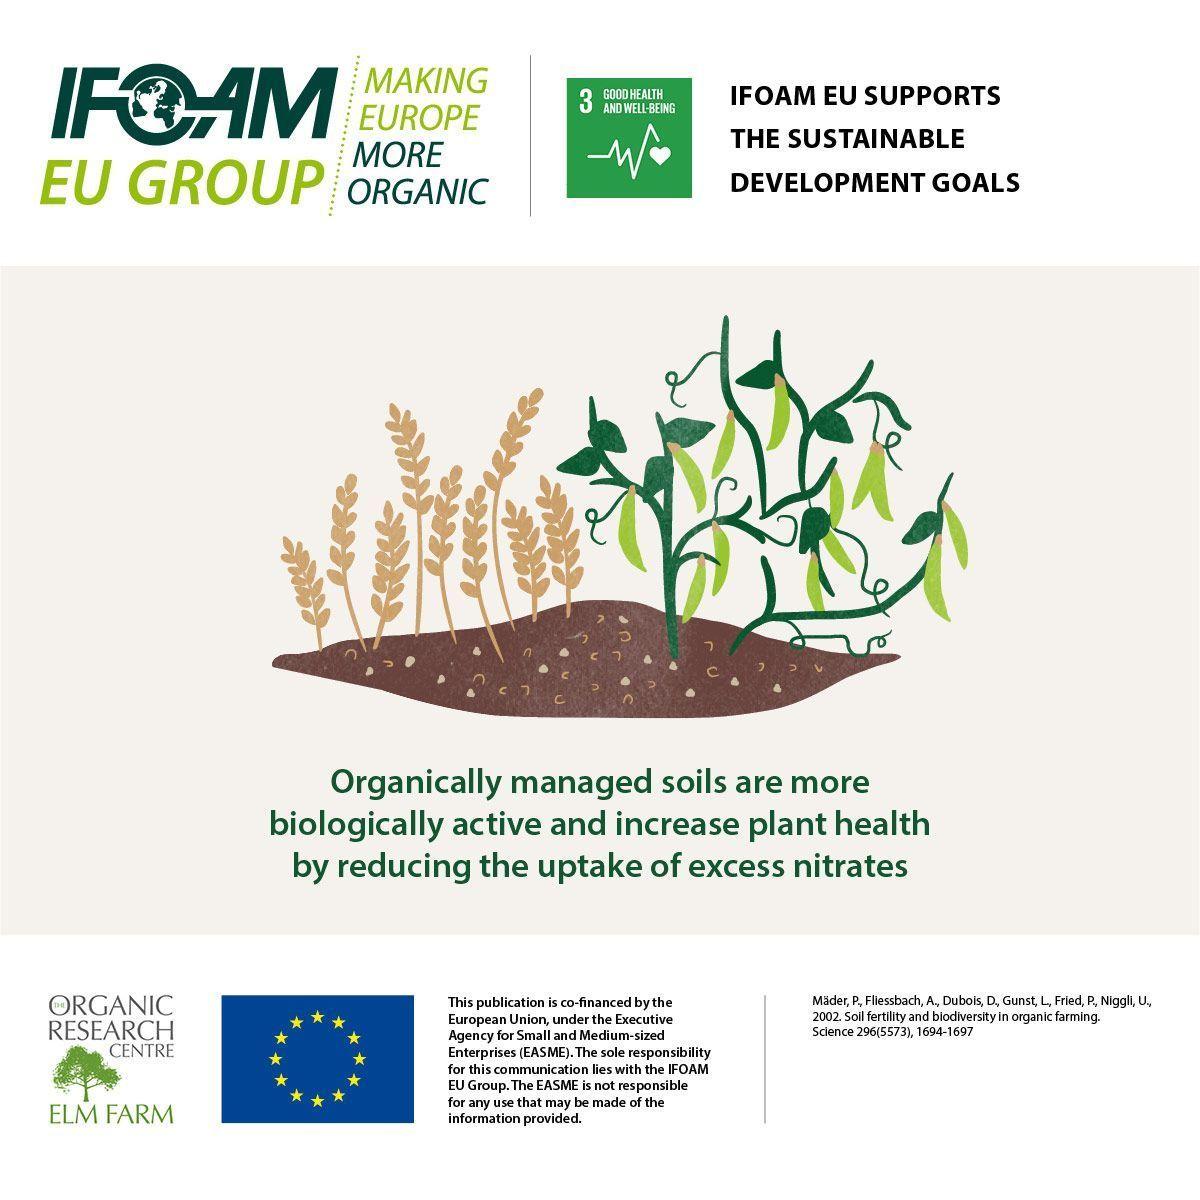 IFOAM EU: Luchando por la adopción de sistemas ecológicos, sociales y económicos en Europa basados en principios orgánicos